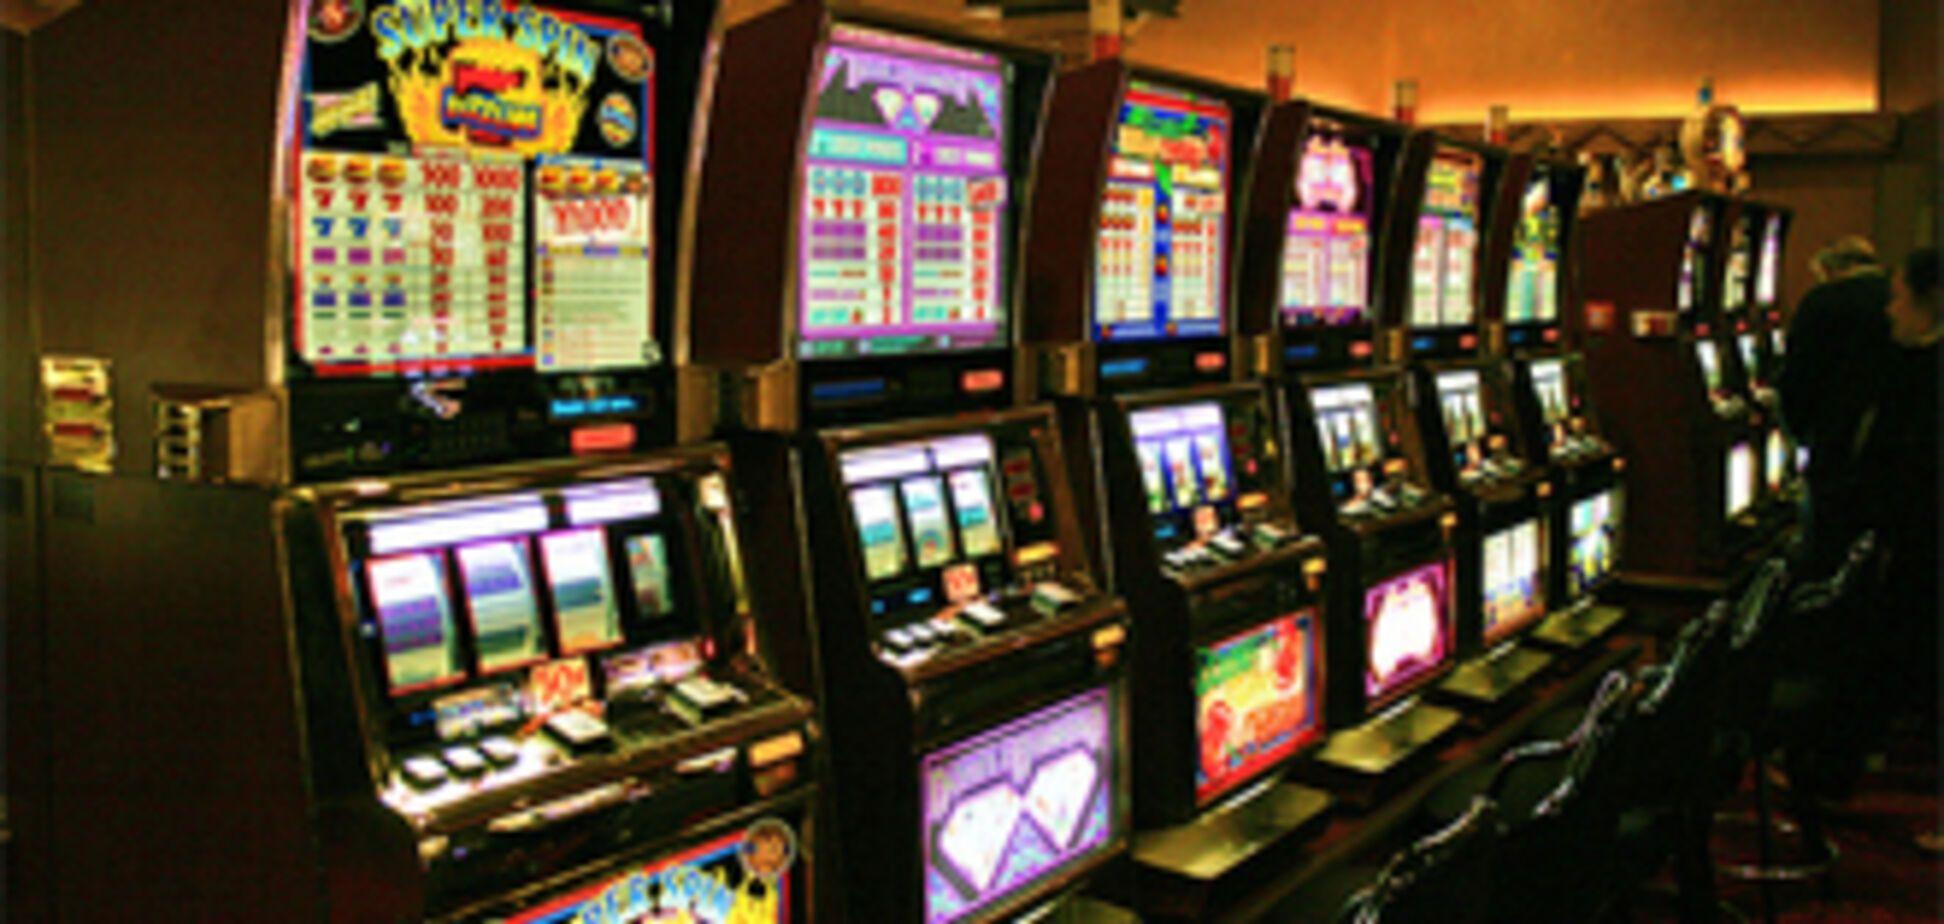 После пожара в Днепре мини-казино так и не закрылись